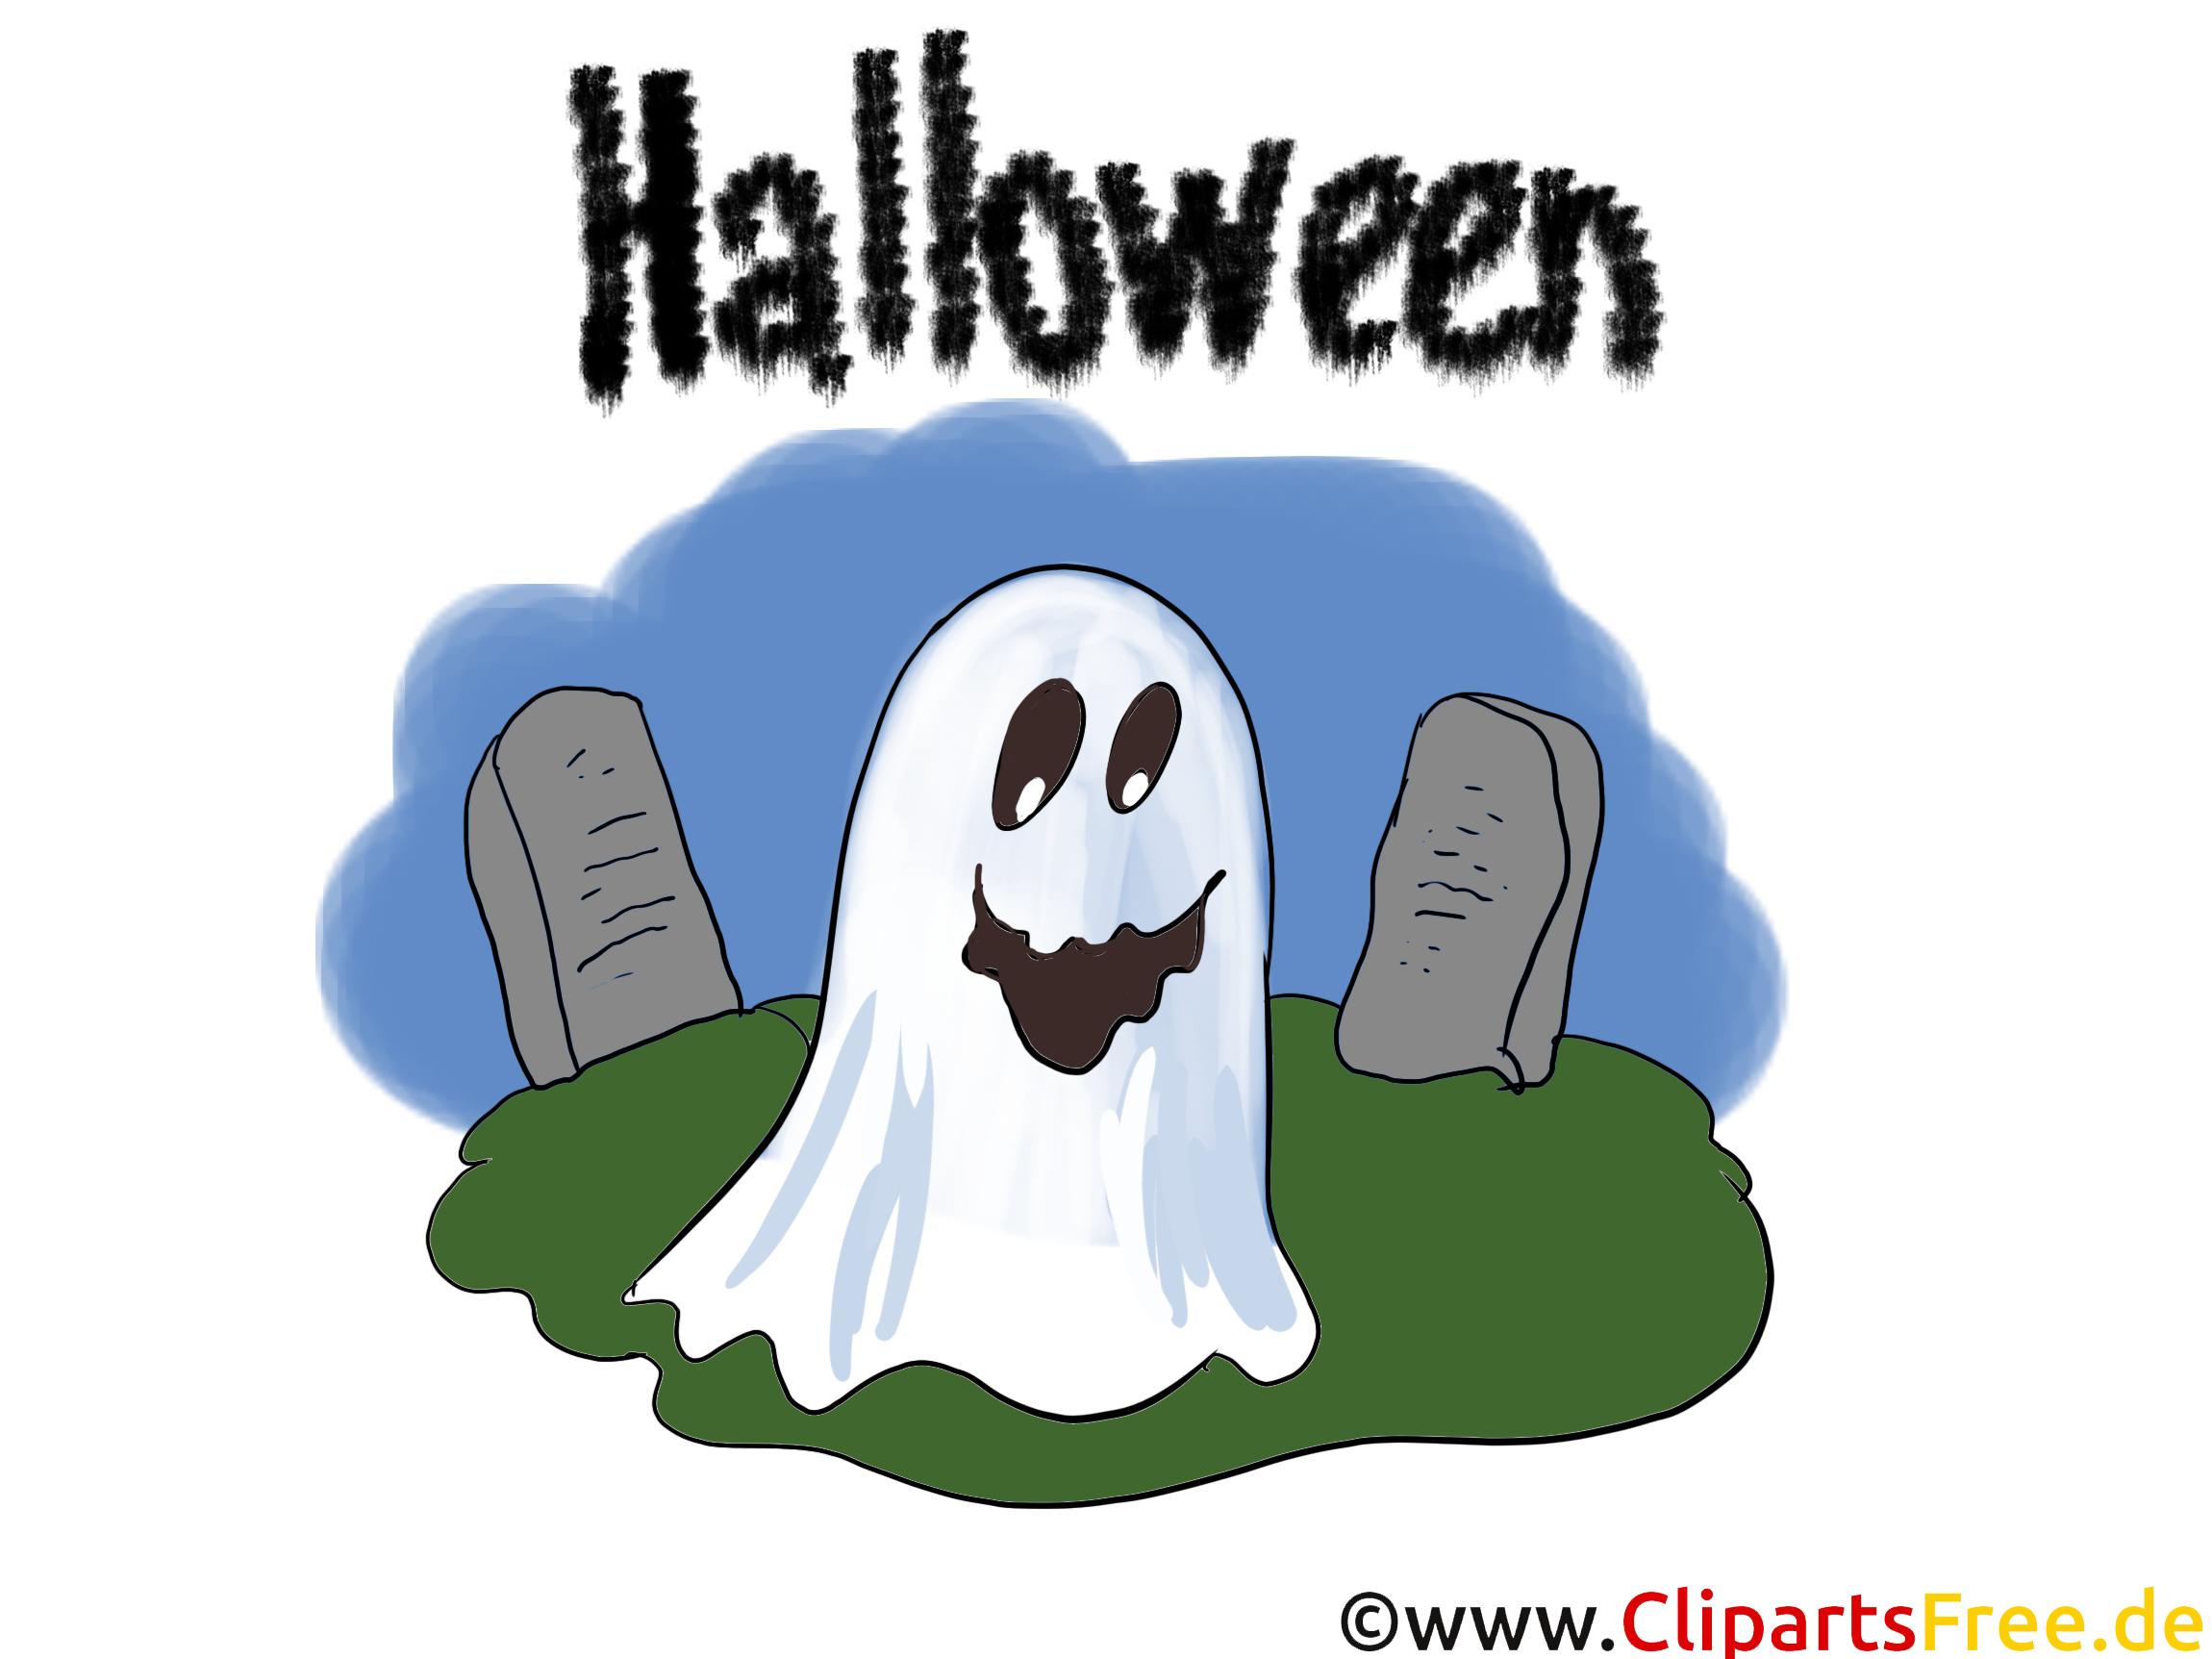 Gespenst Clipart, Bild, Illustration, Grafik, Karte zu Halloween